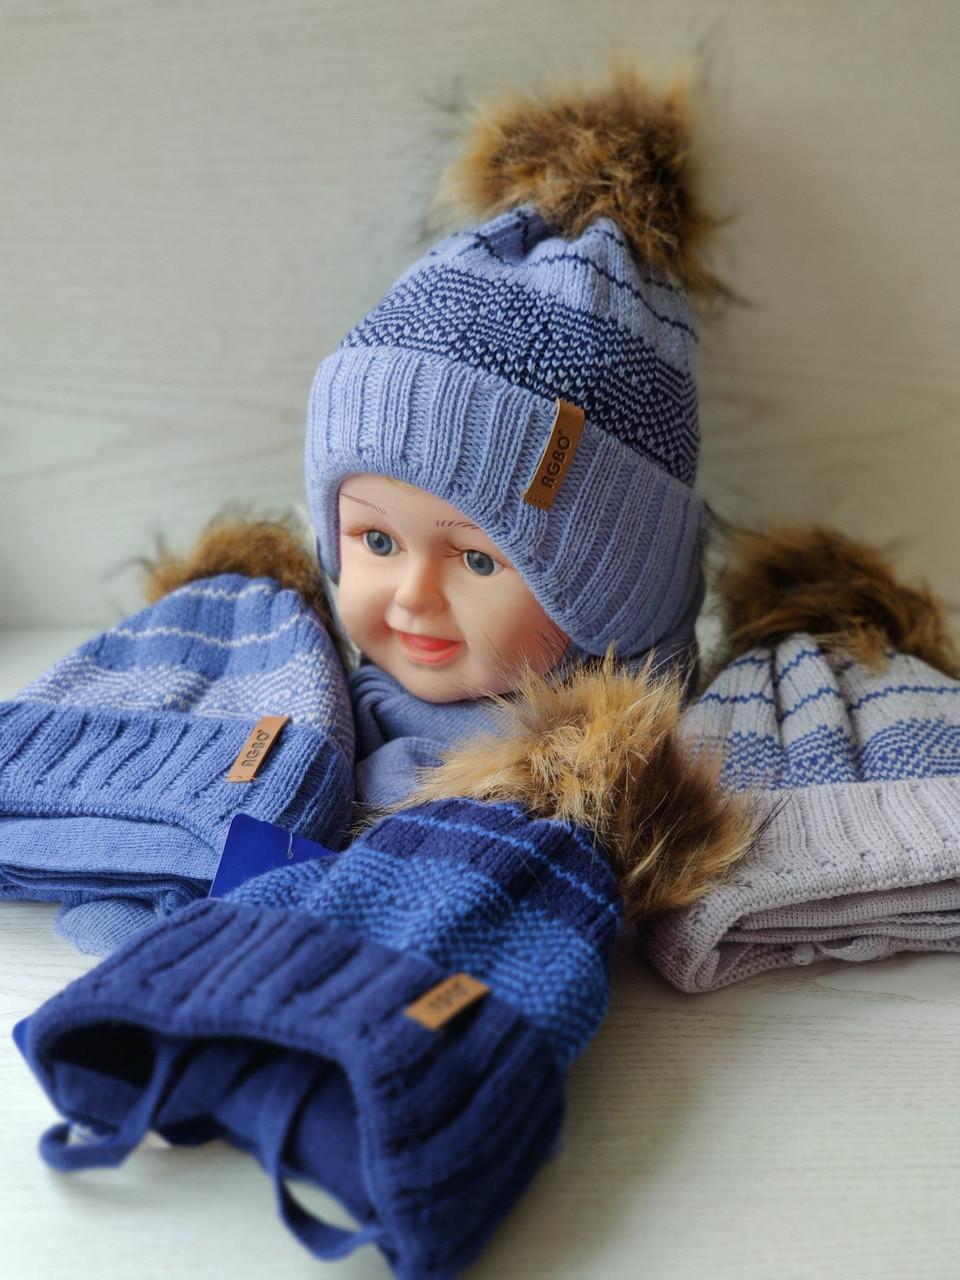 Комплект для мальчика с заворотом  (шапка+хомут ) Размер 42-44 см